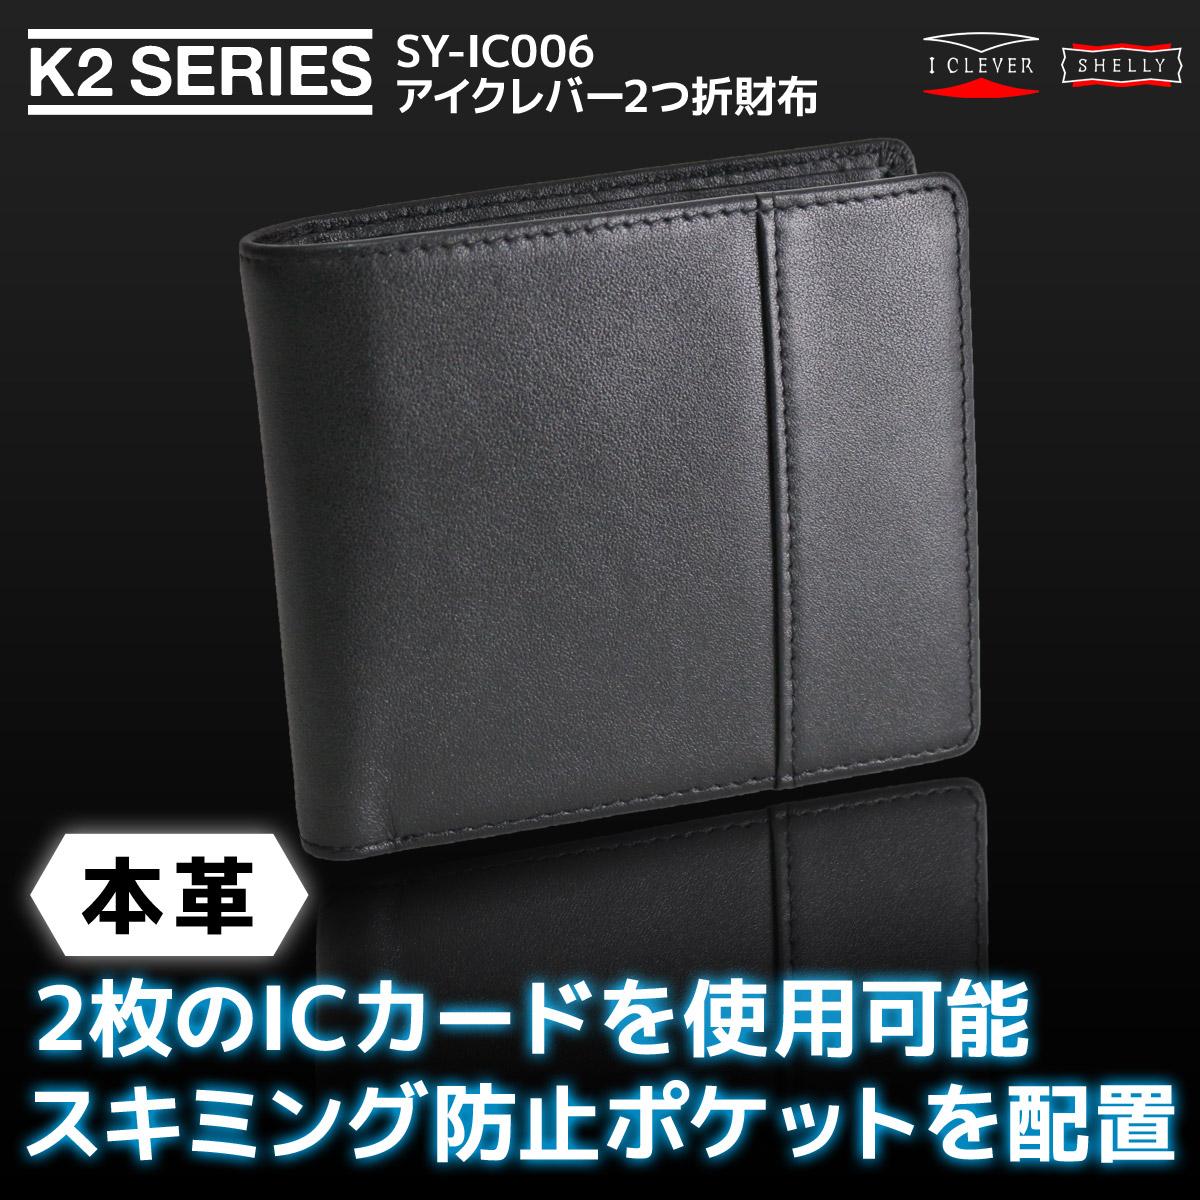 取り出さなくても2枚のIC乗車券を使い分けできるアイクレバー本革2つ折財布・特許技術を搭載した本革シリーズ・シェリー製品 アイクレバー K2シリーズ【SY-IC006】